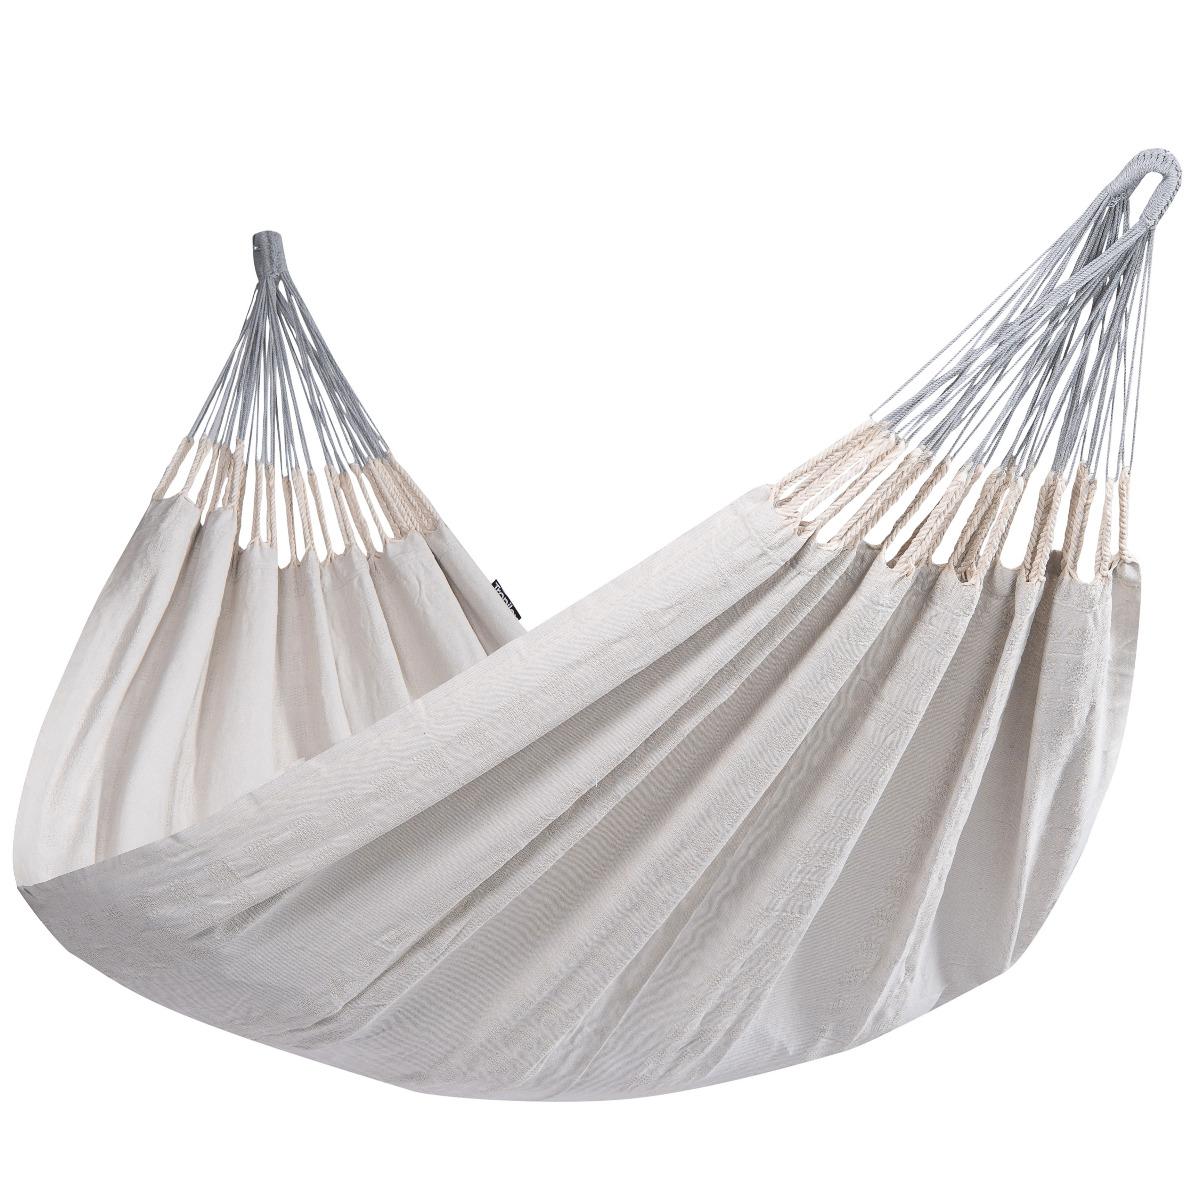 Hangmat Tweepersoons 'Comfort' Pearl - Wit - Ecru - Tropilex �